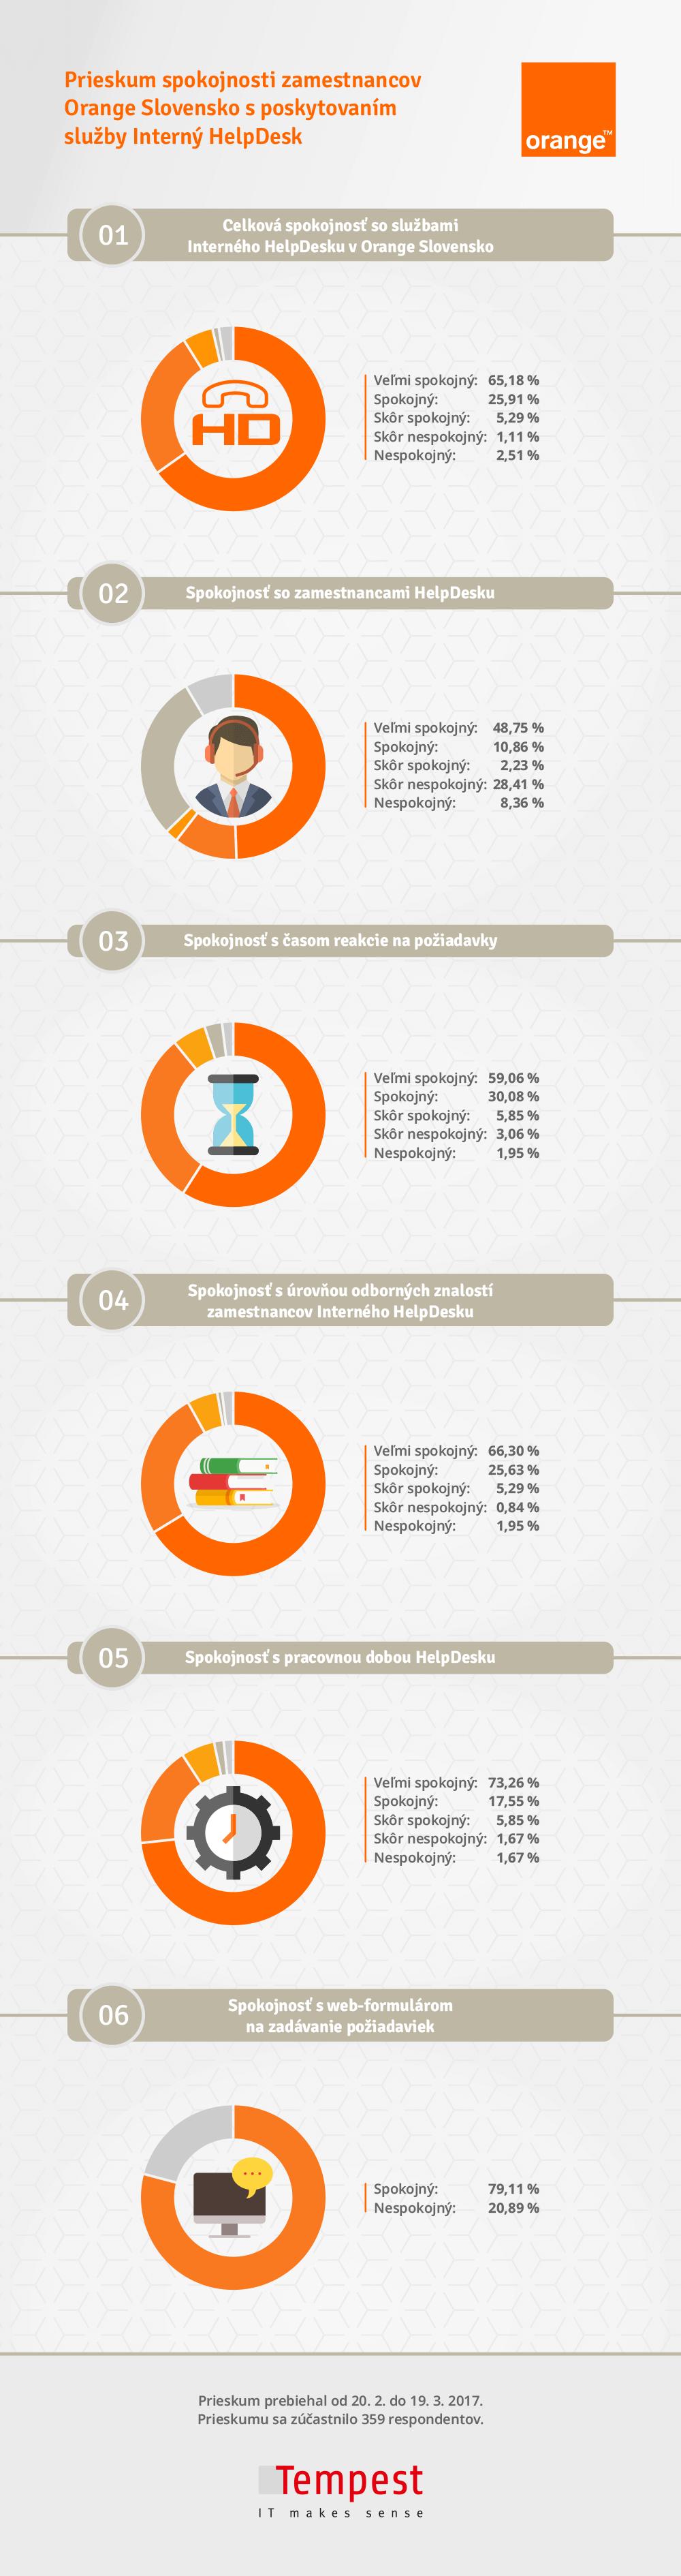 Infografika: Prieskum v spoločnosti Orange Slovensko s poskytovaním služby Interný HelpDesk